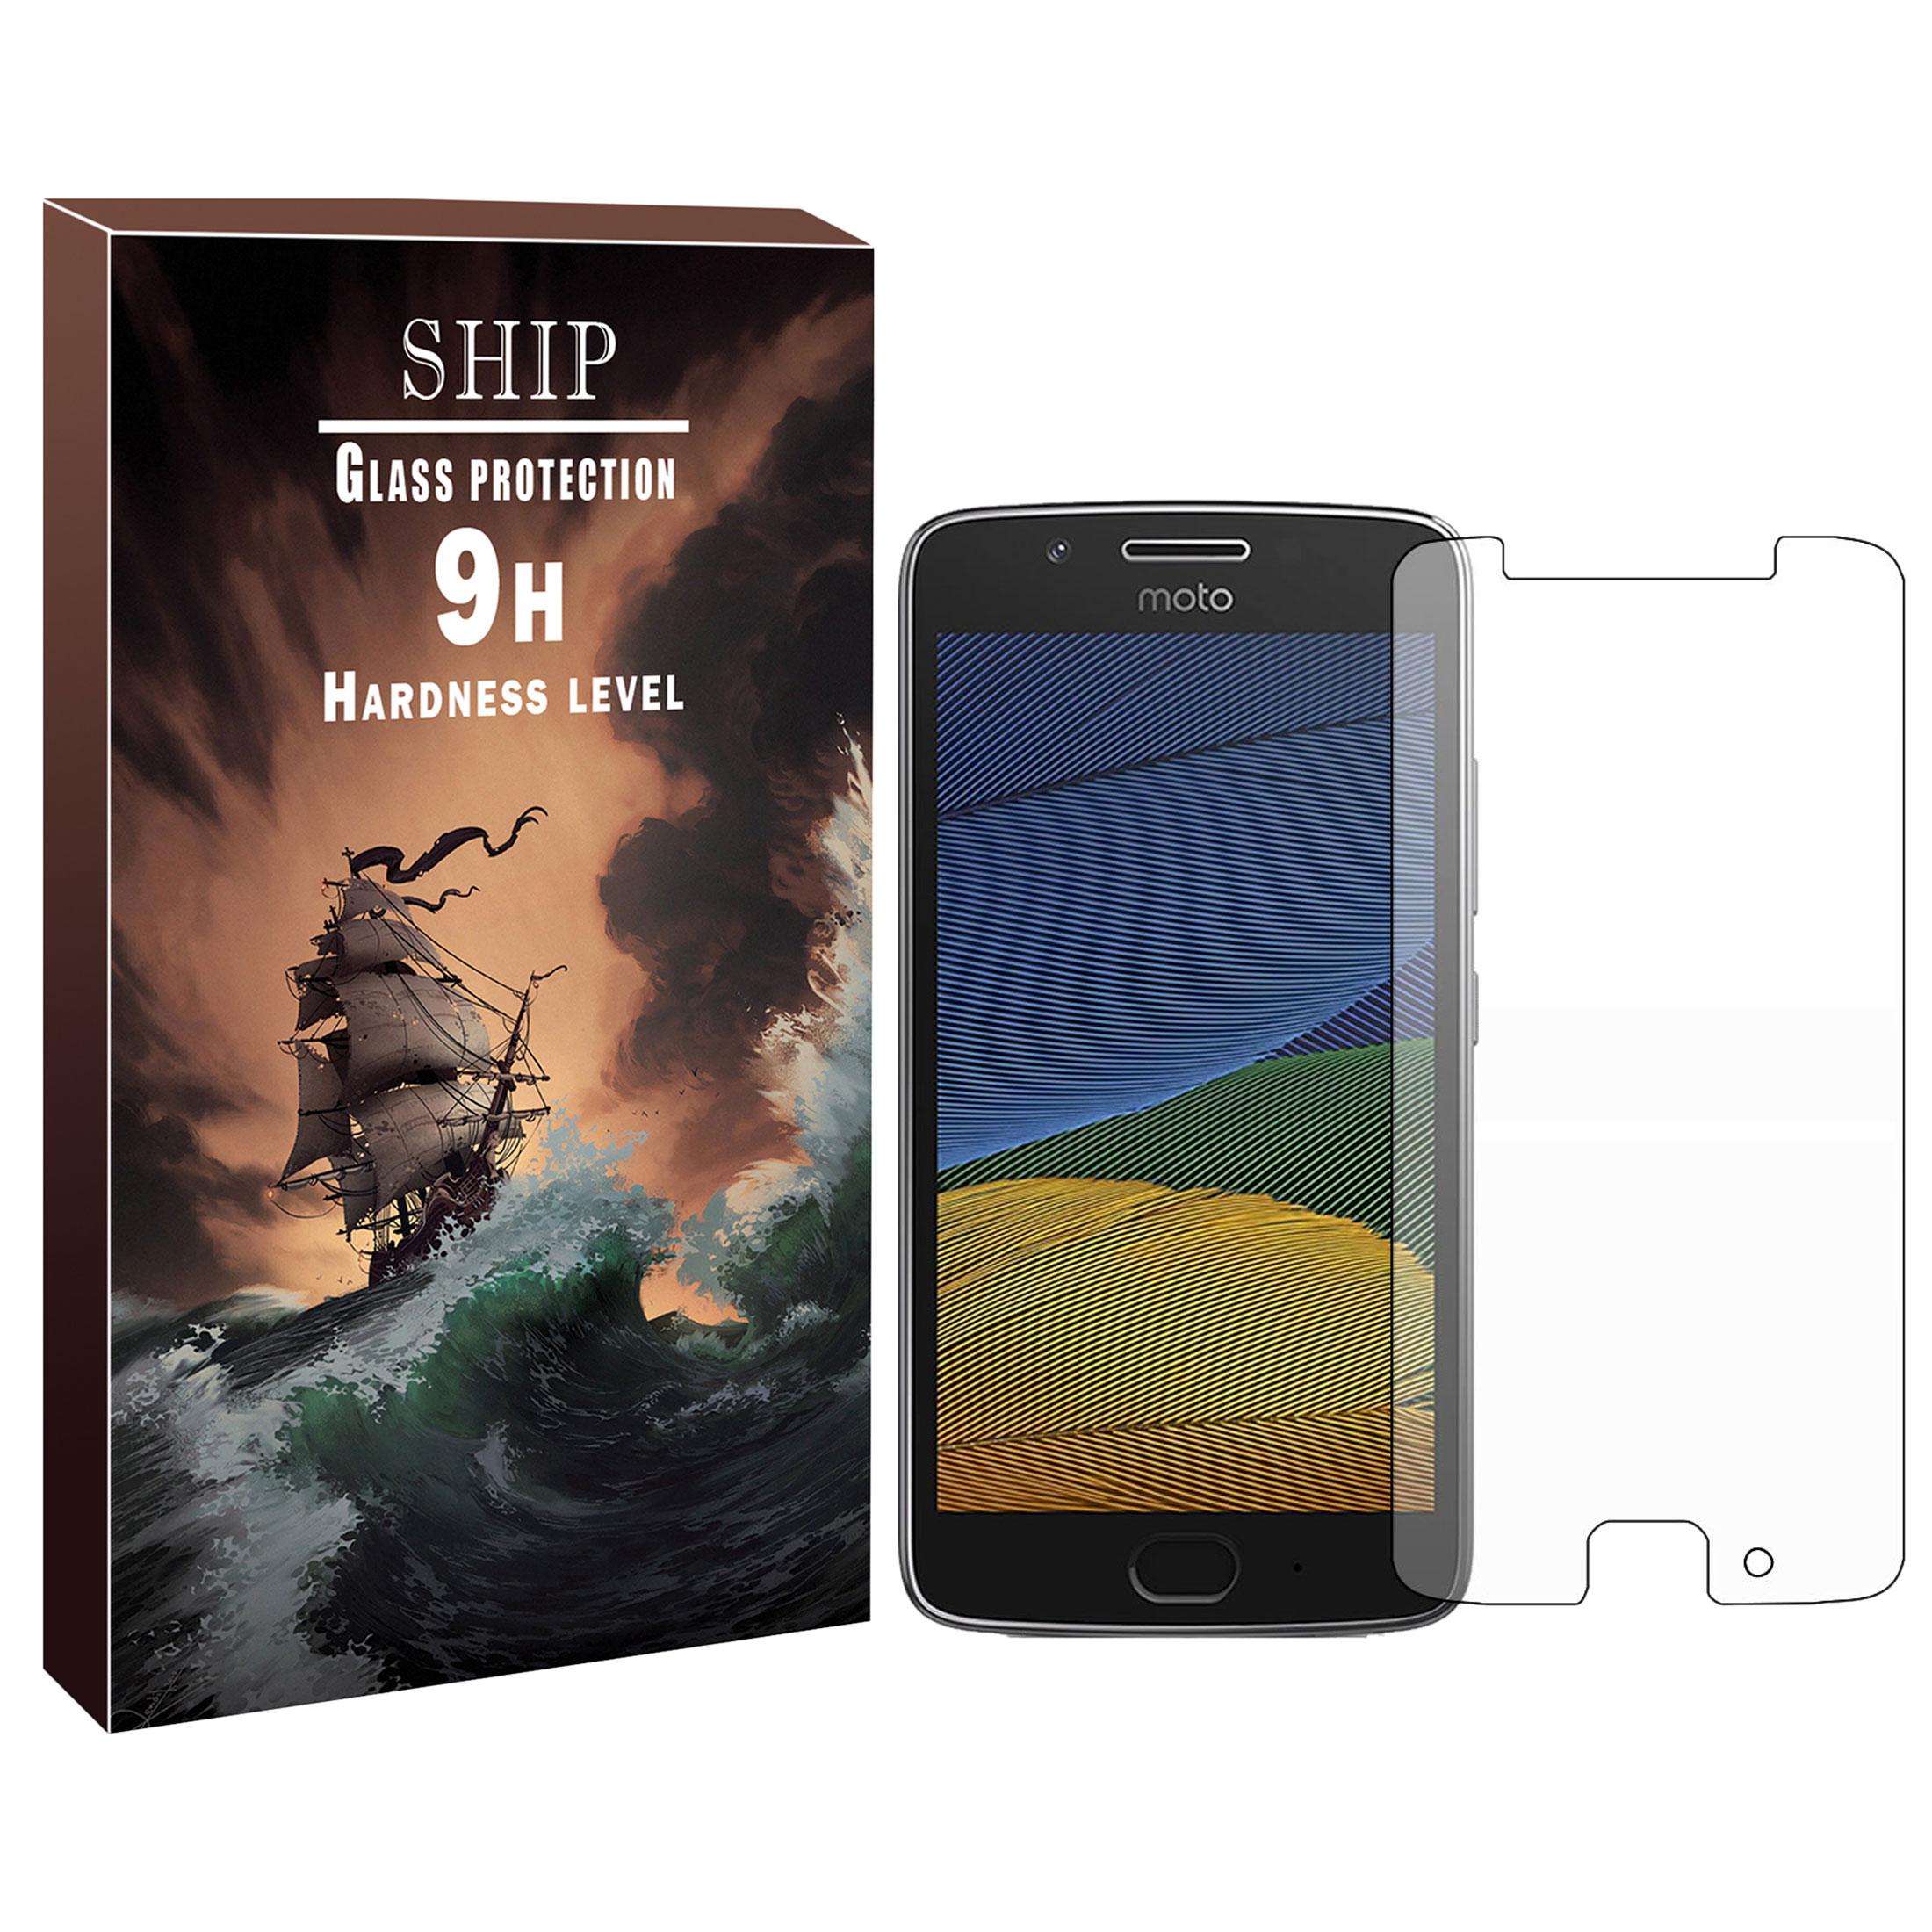 محافظ صفحه نمایش شیپ مدل SAD-01 مناسب برای گوشی موبایل موتورولا Moto G5